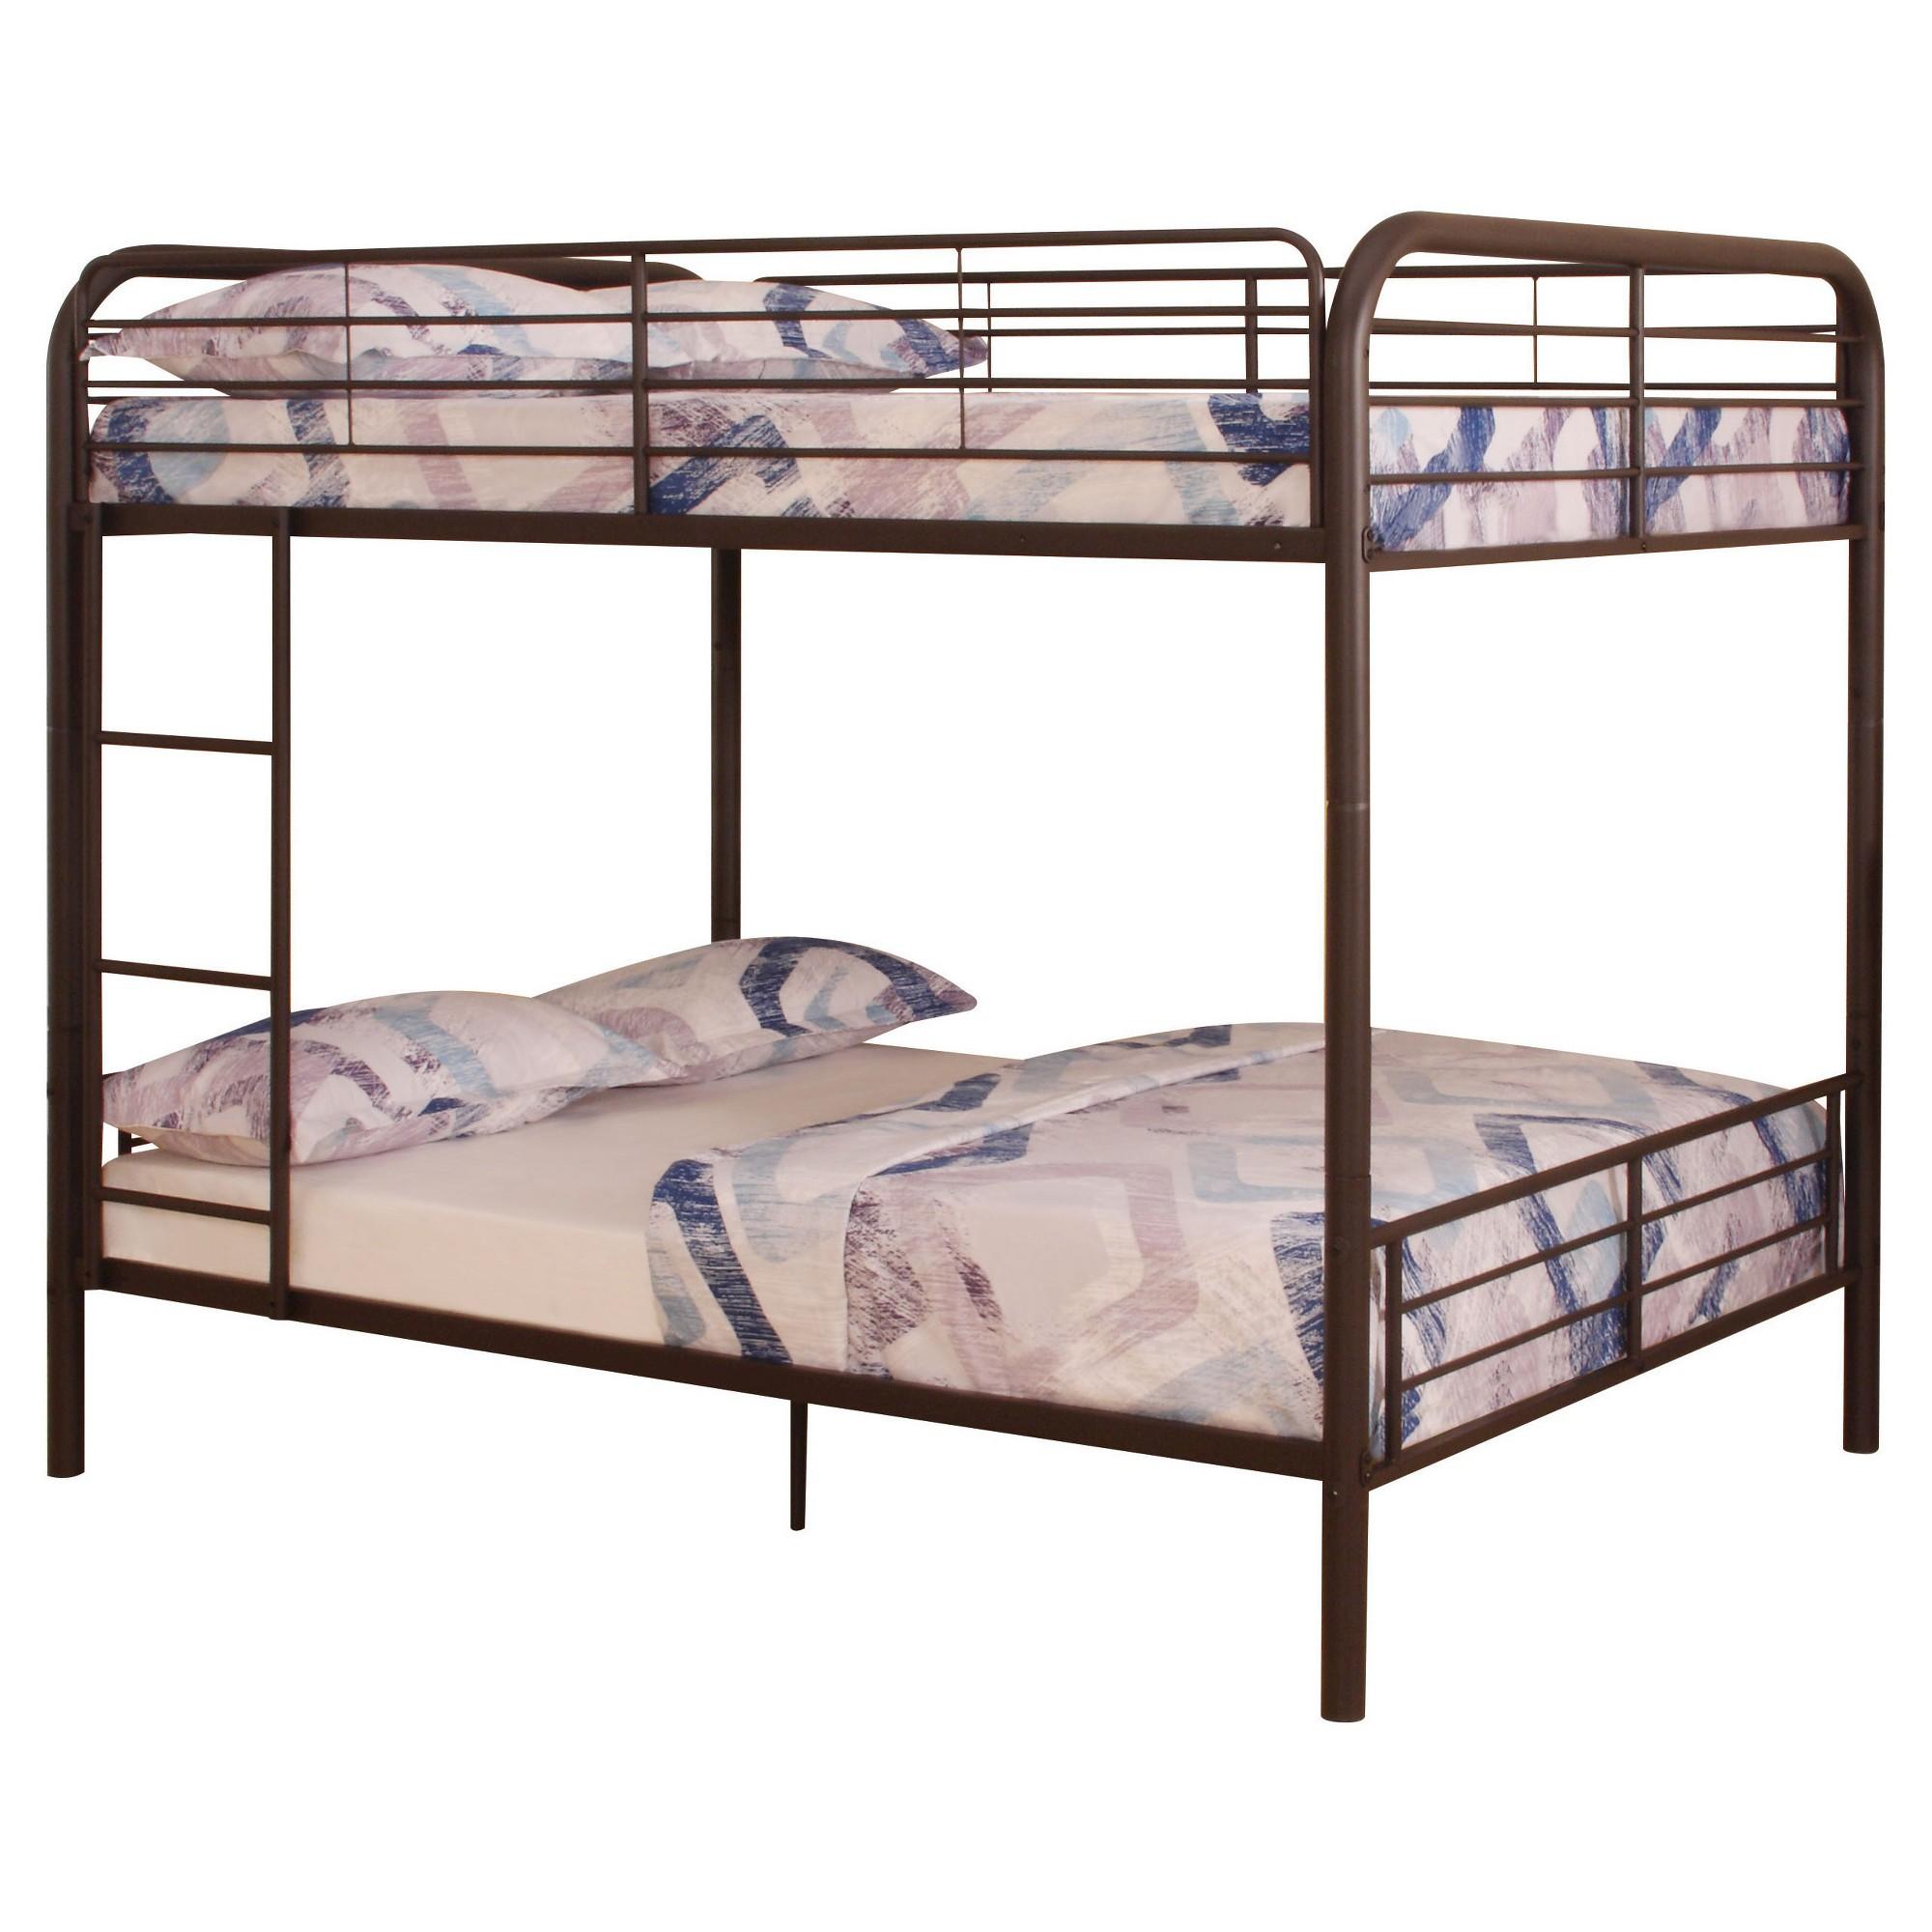 acme furniture bristol kids bunk bed dark brown full full acme